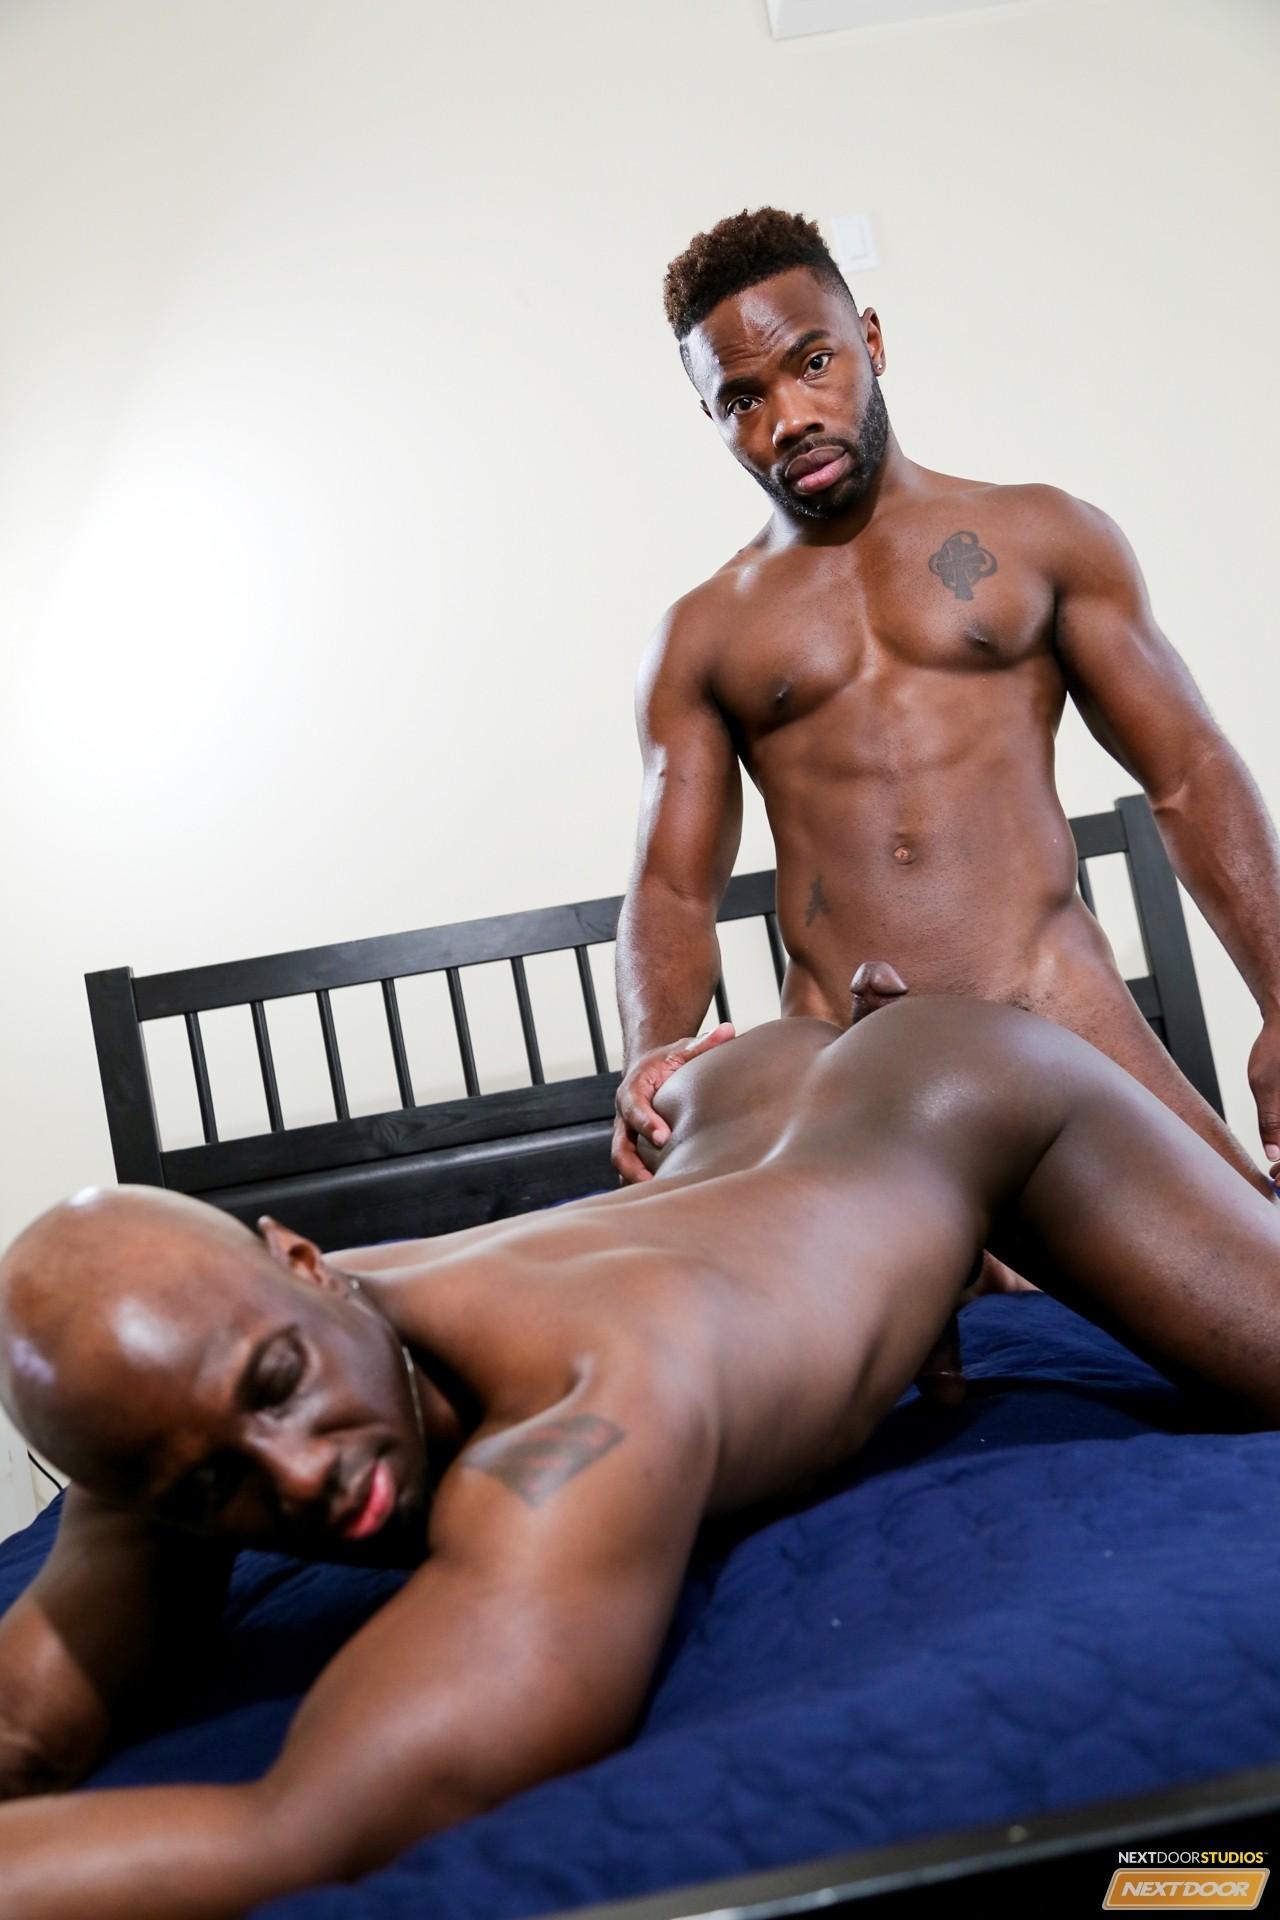 And ebony next door pound punish